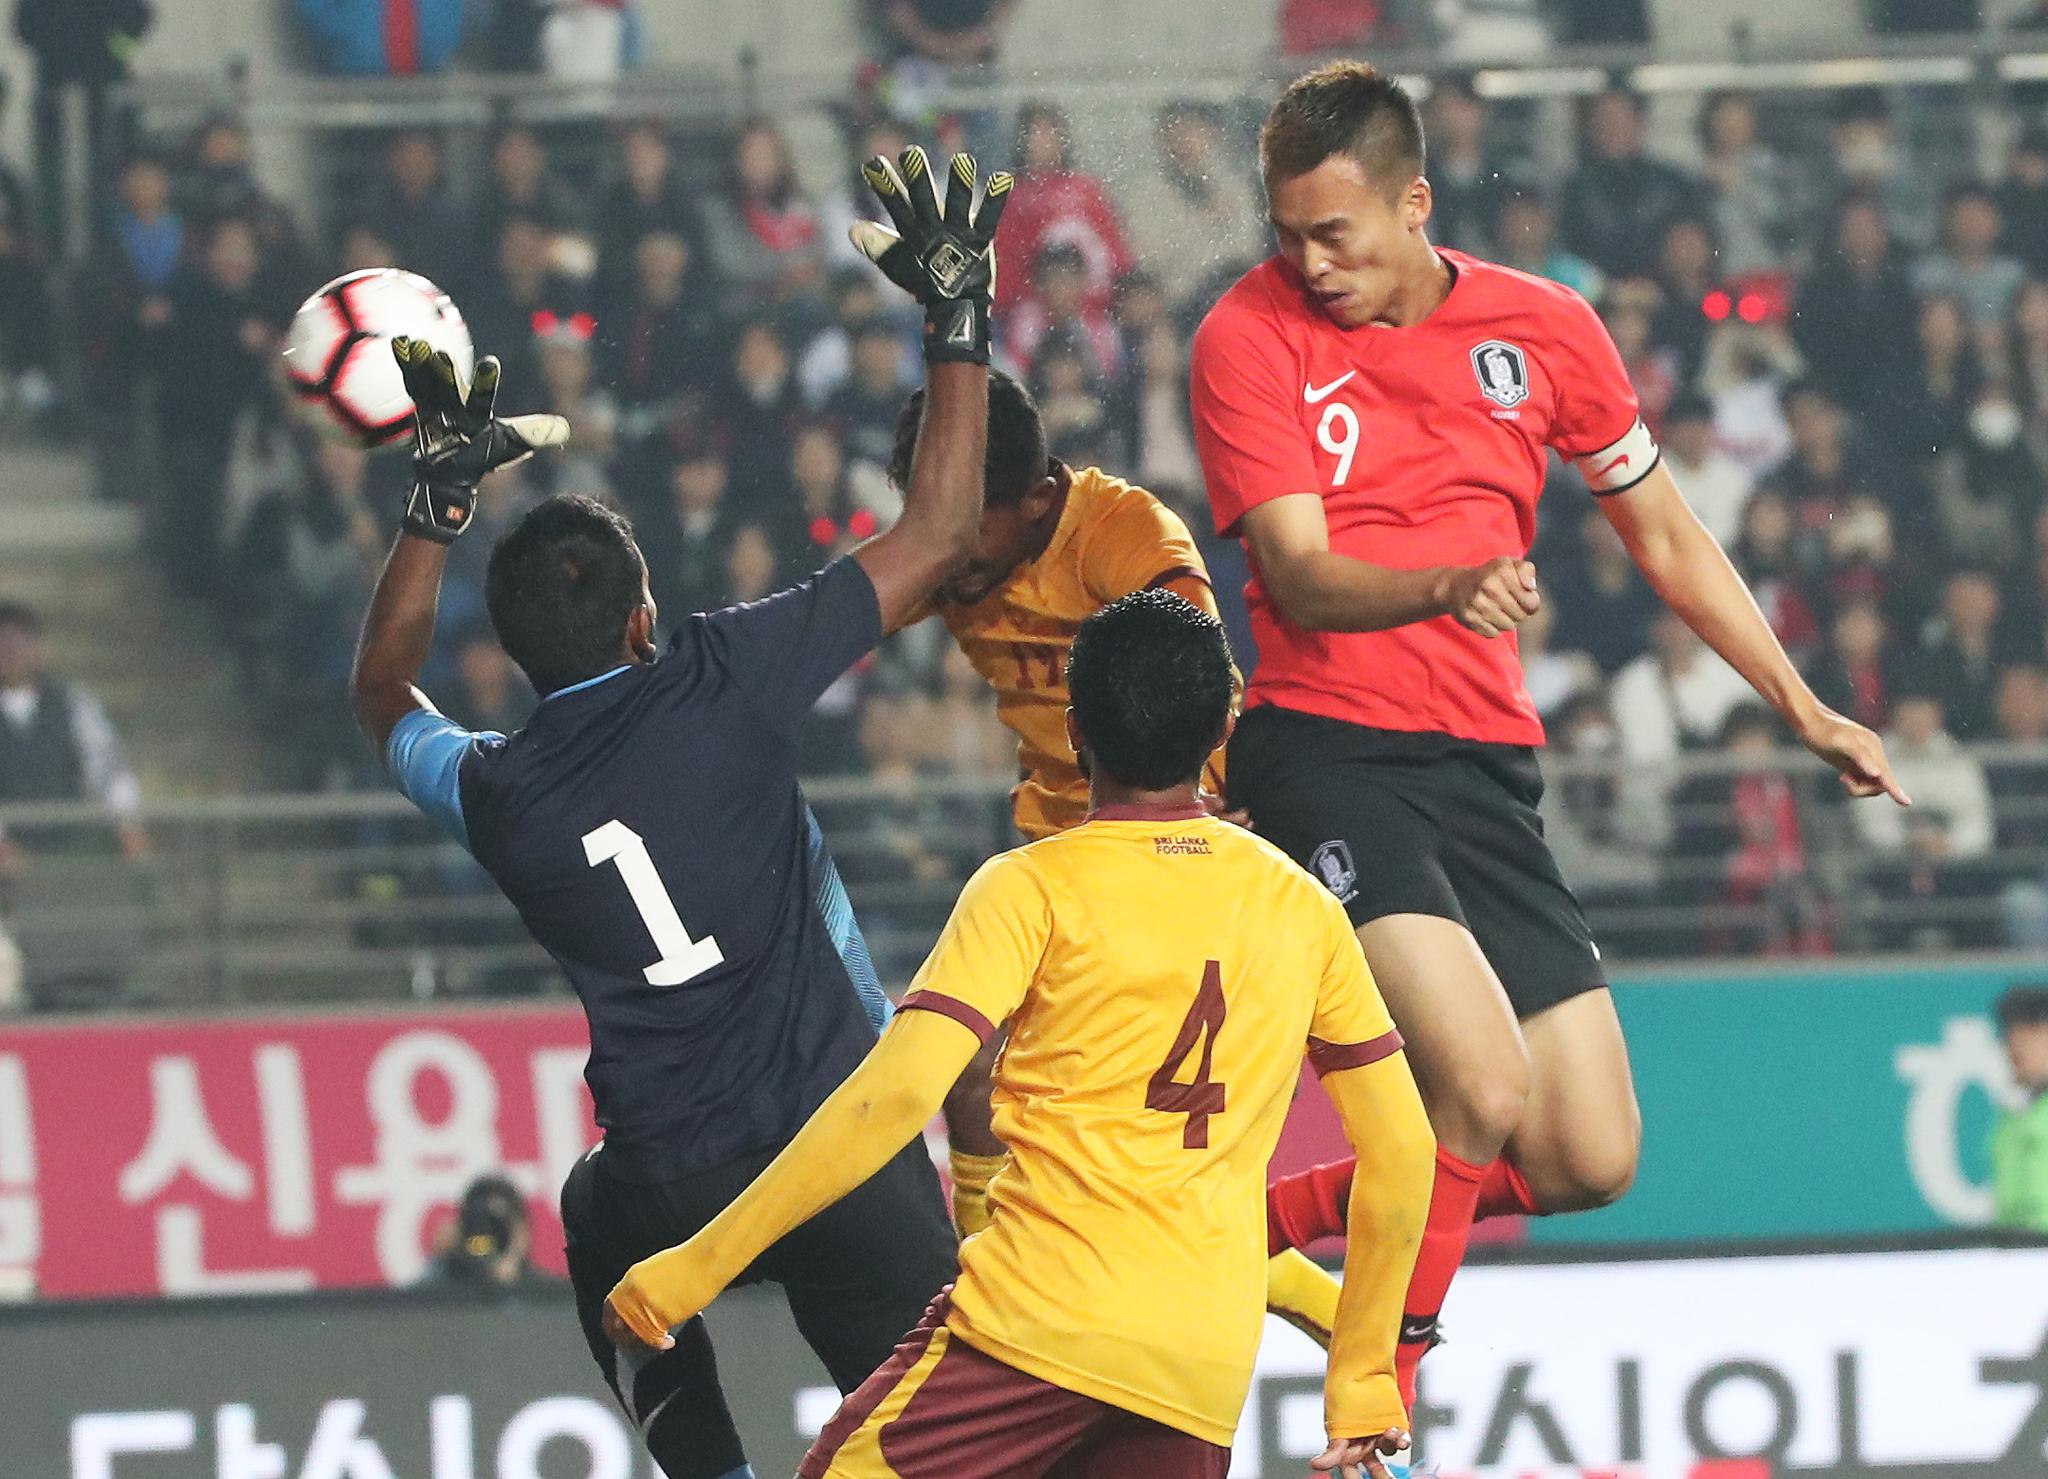 김신욱이 네 골을 몰아친 한국은 벤투호 출범 이후 최다득점(8골)을 기록했다. [연합뉴스]